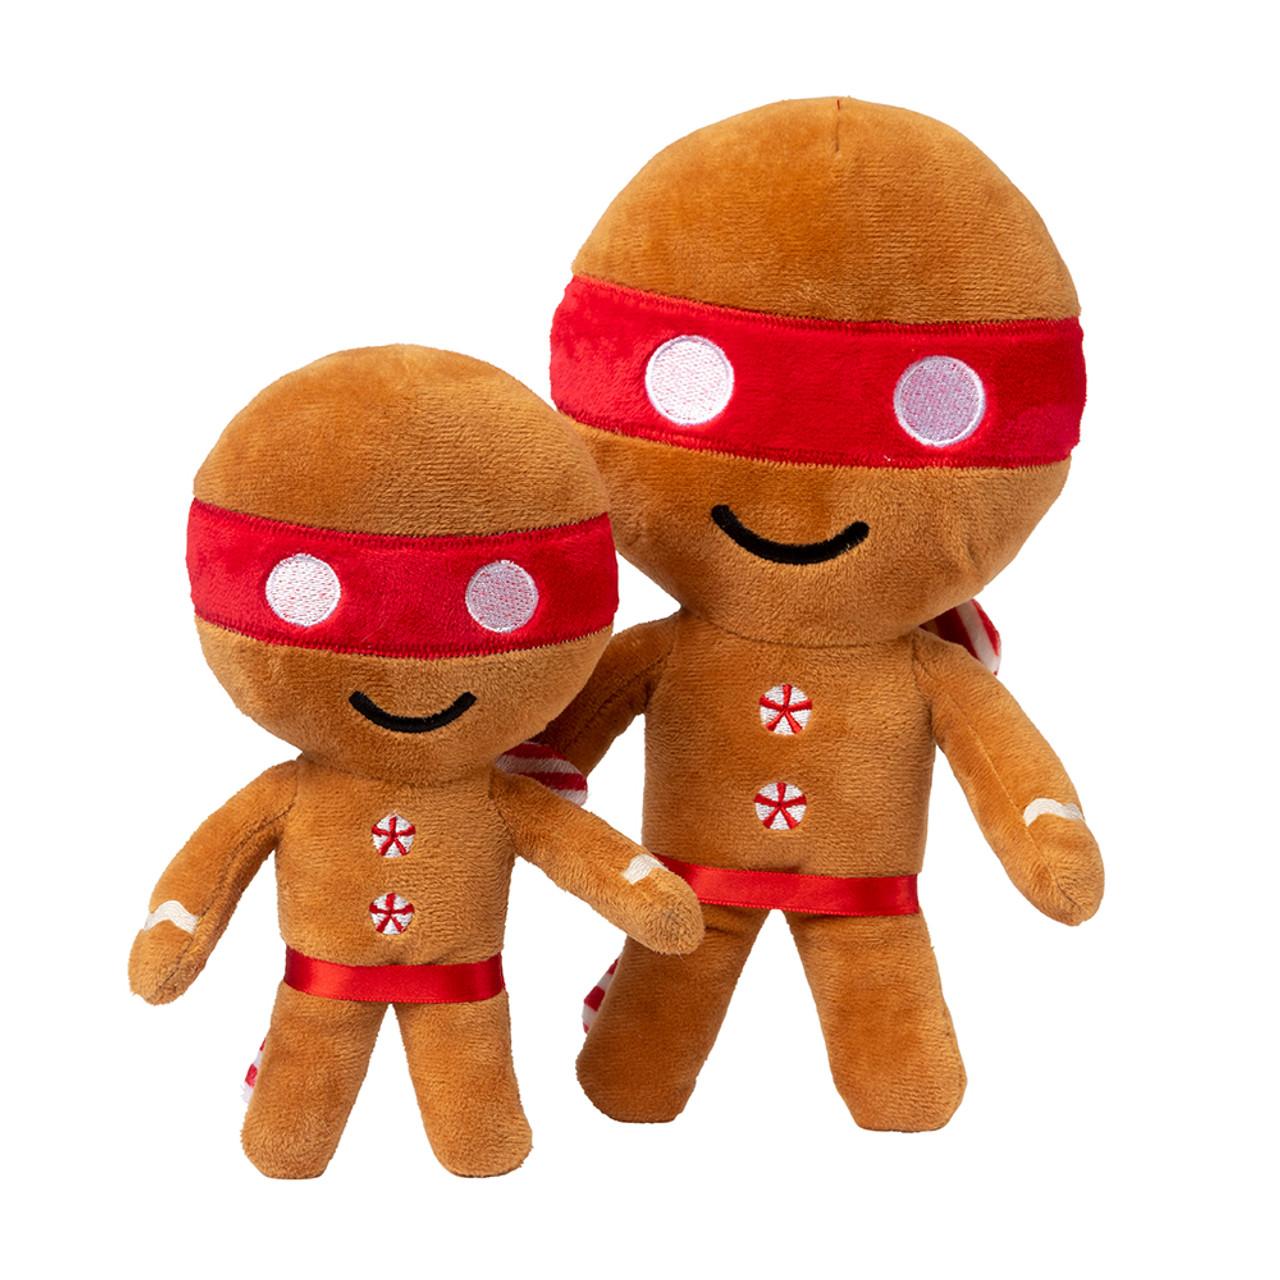 FuzzYard Holiday Ninjabread Man Plush Dog Toy